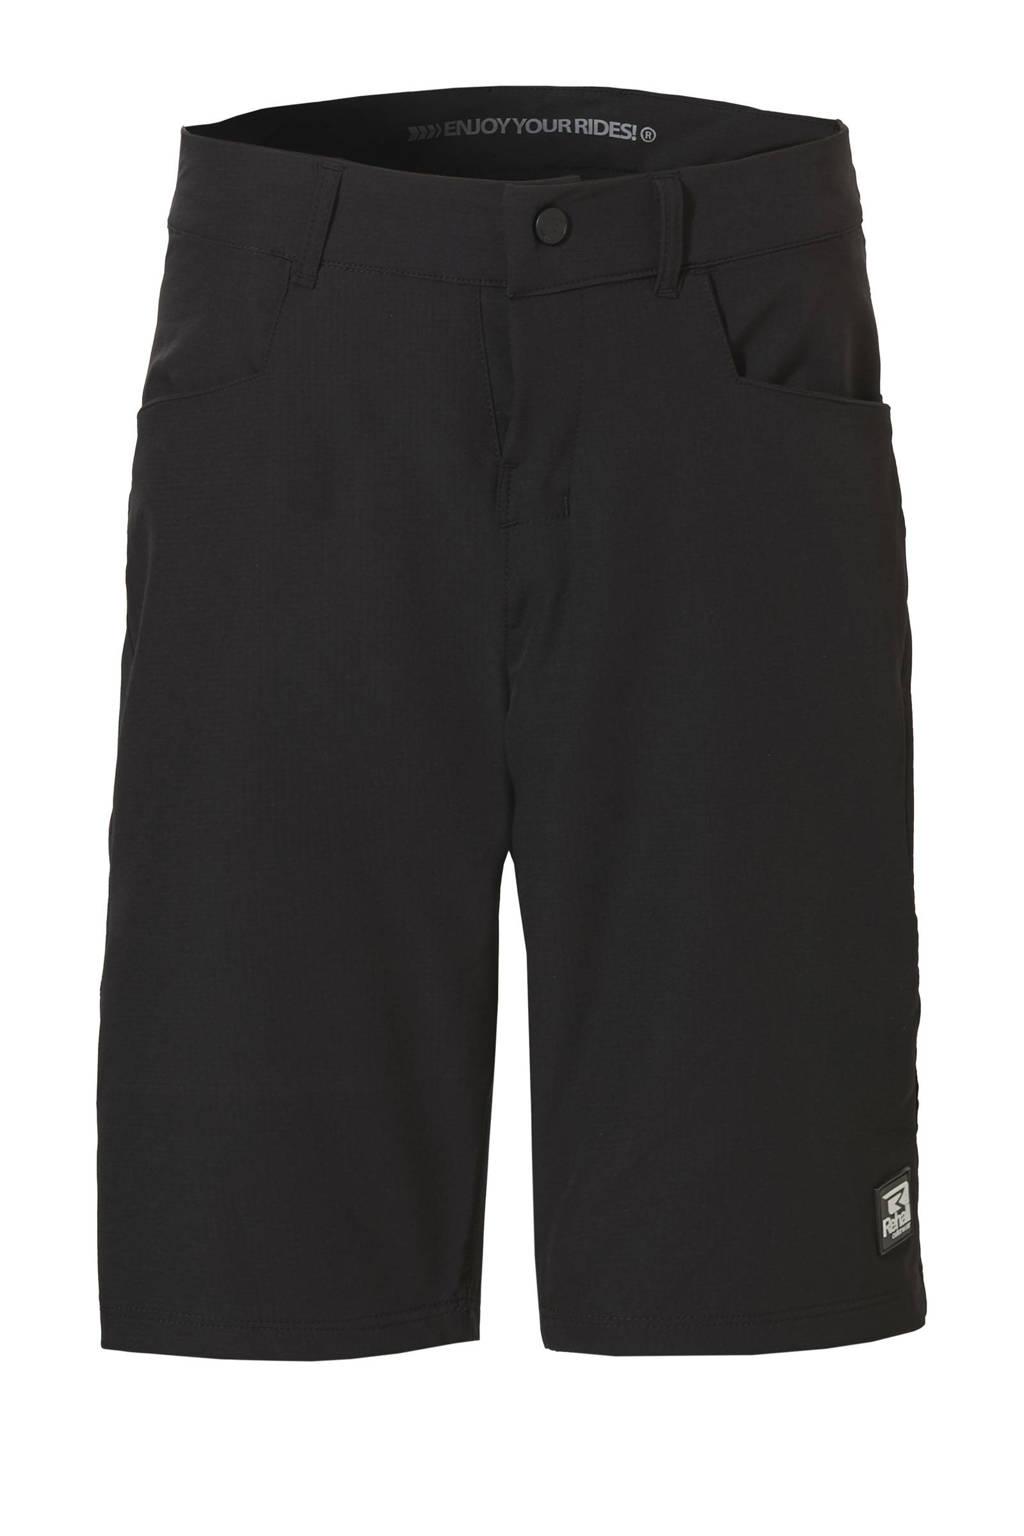 Rehall   fietsbroek Brake-R zwart, Zwart